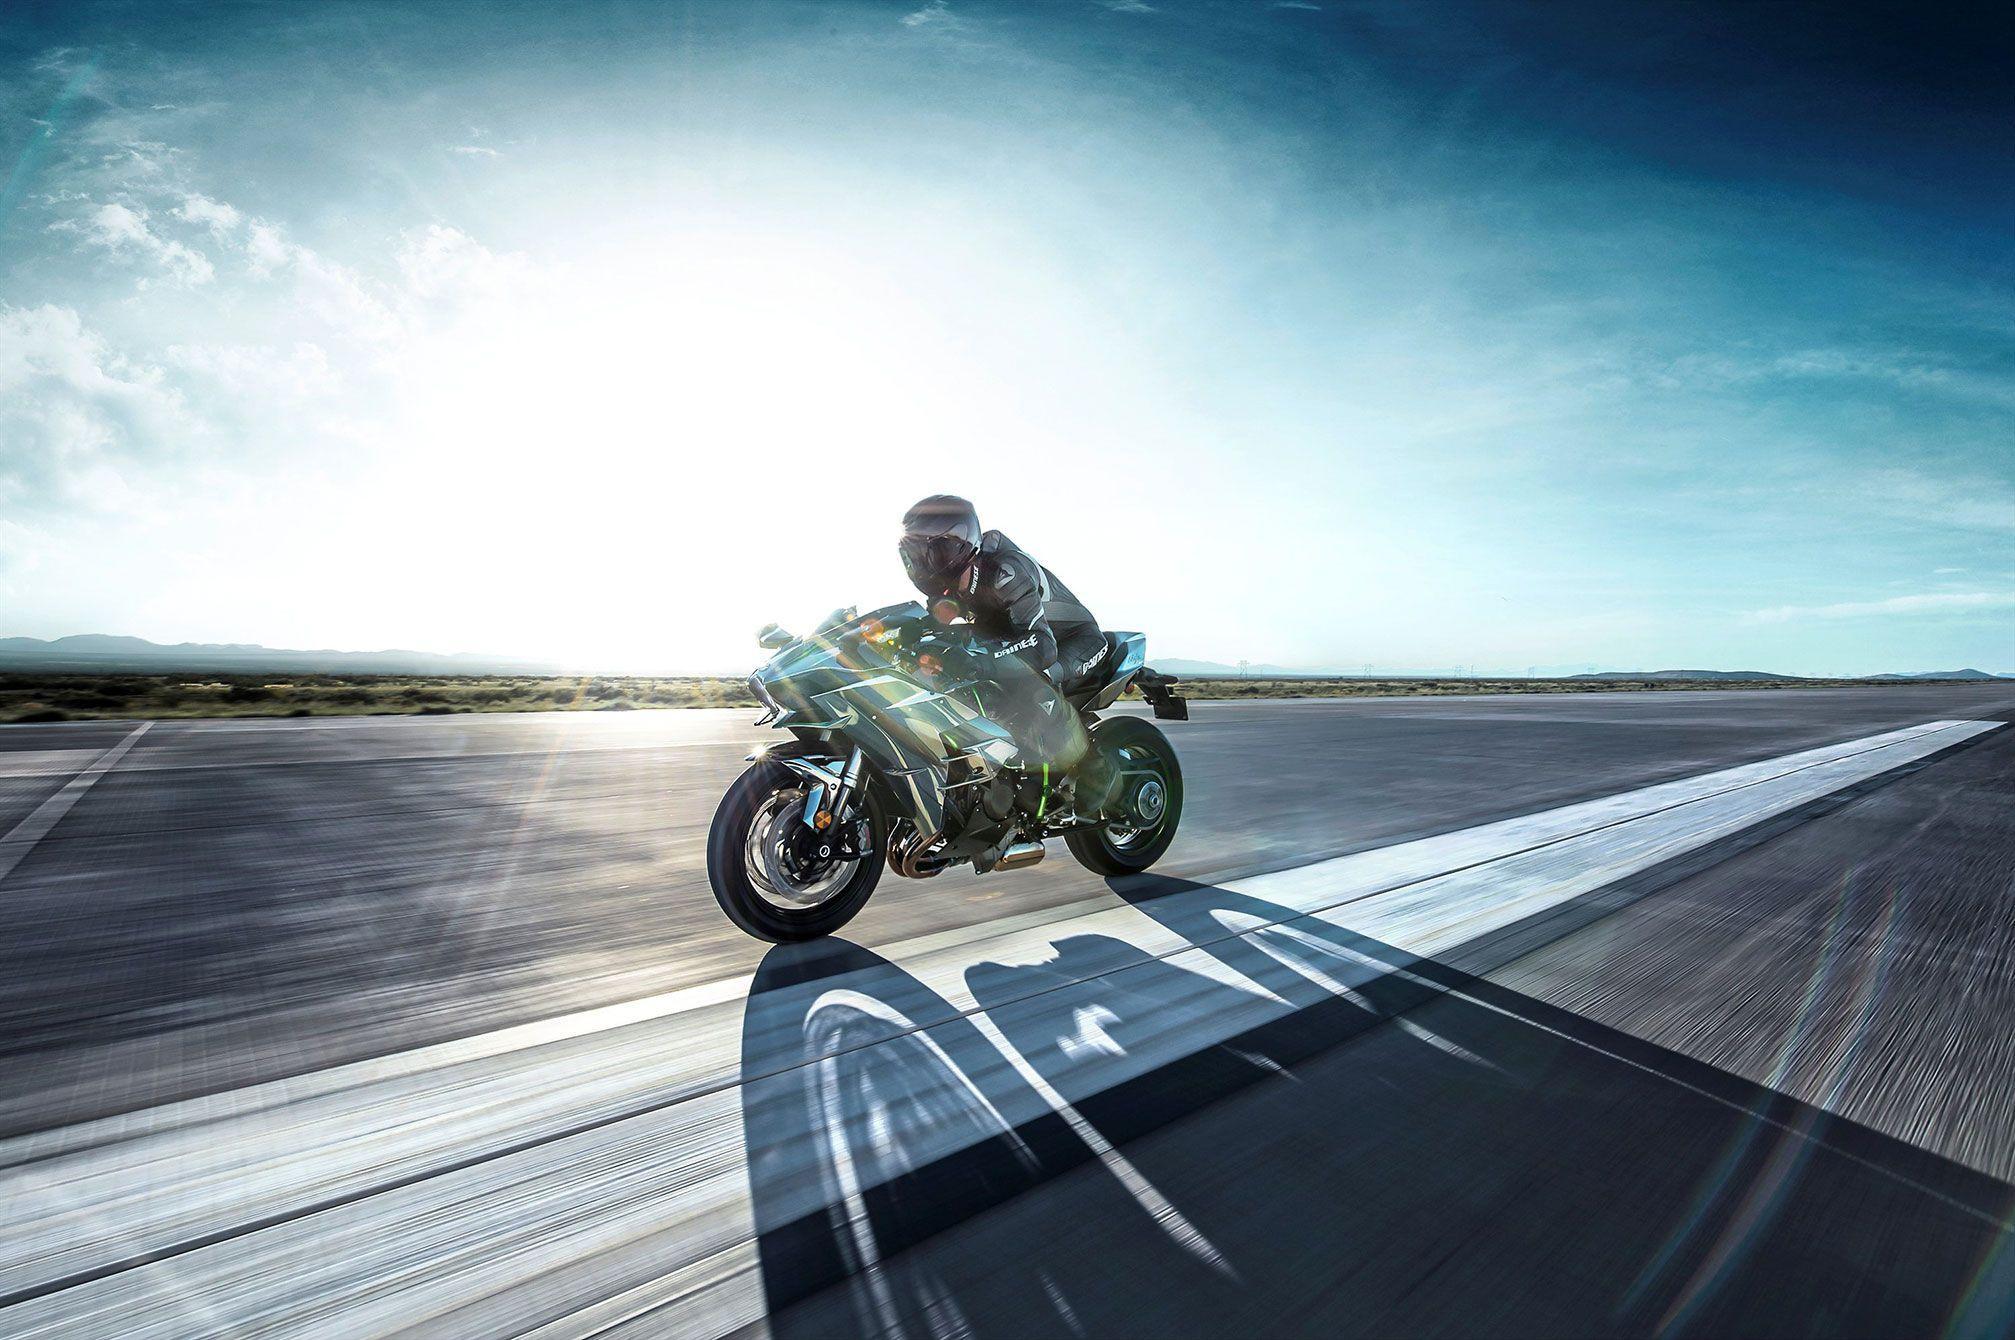 2015 Kawasaki Ninja H2 Review